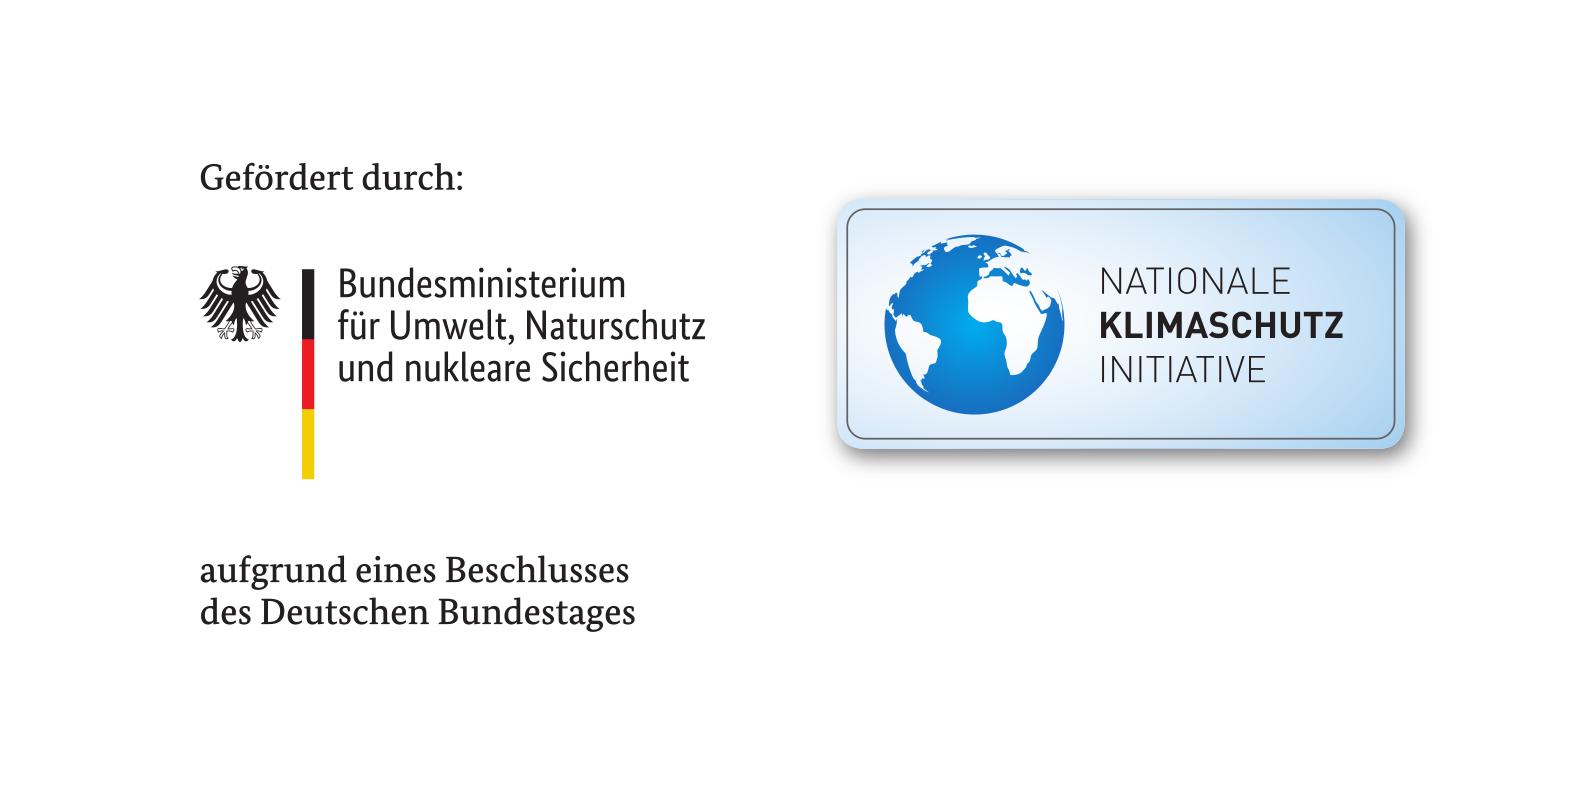 Gefördert durch Bundesministerium für Umwelt, Naturschutz und nukleare Sicherheit aufgrund eines Beschlusses des Deutschen Bundestages. Nationale Klimaschutz Initiative